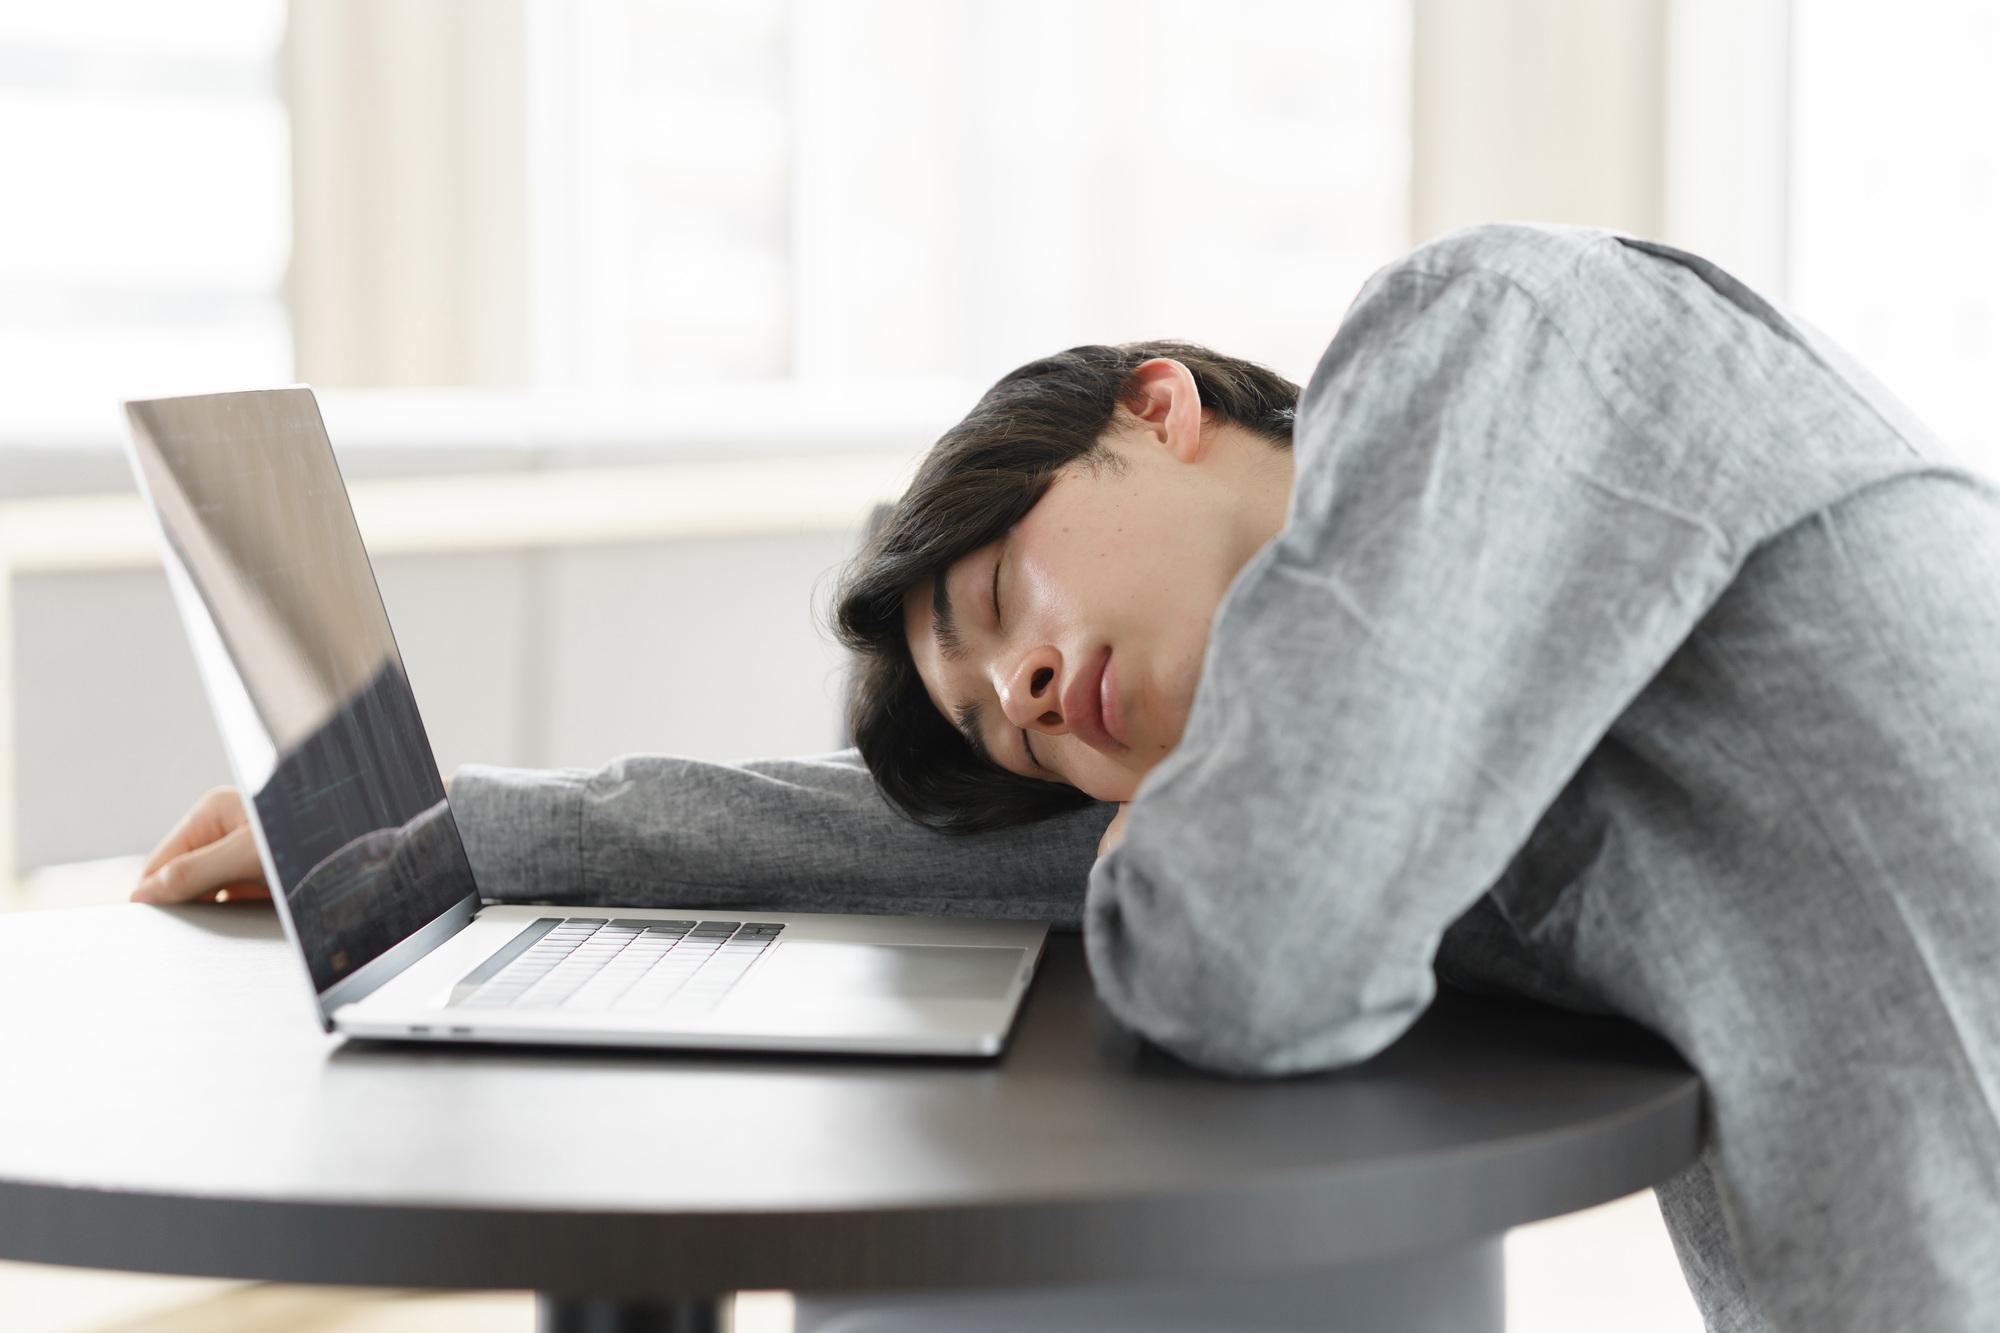 「午前中なのに眠い」は睡眠不足かも…寝だめではなく昼寝がおすすめ